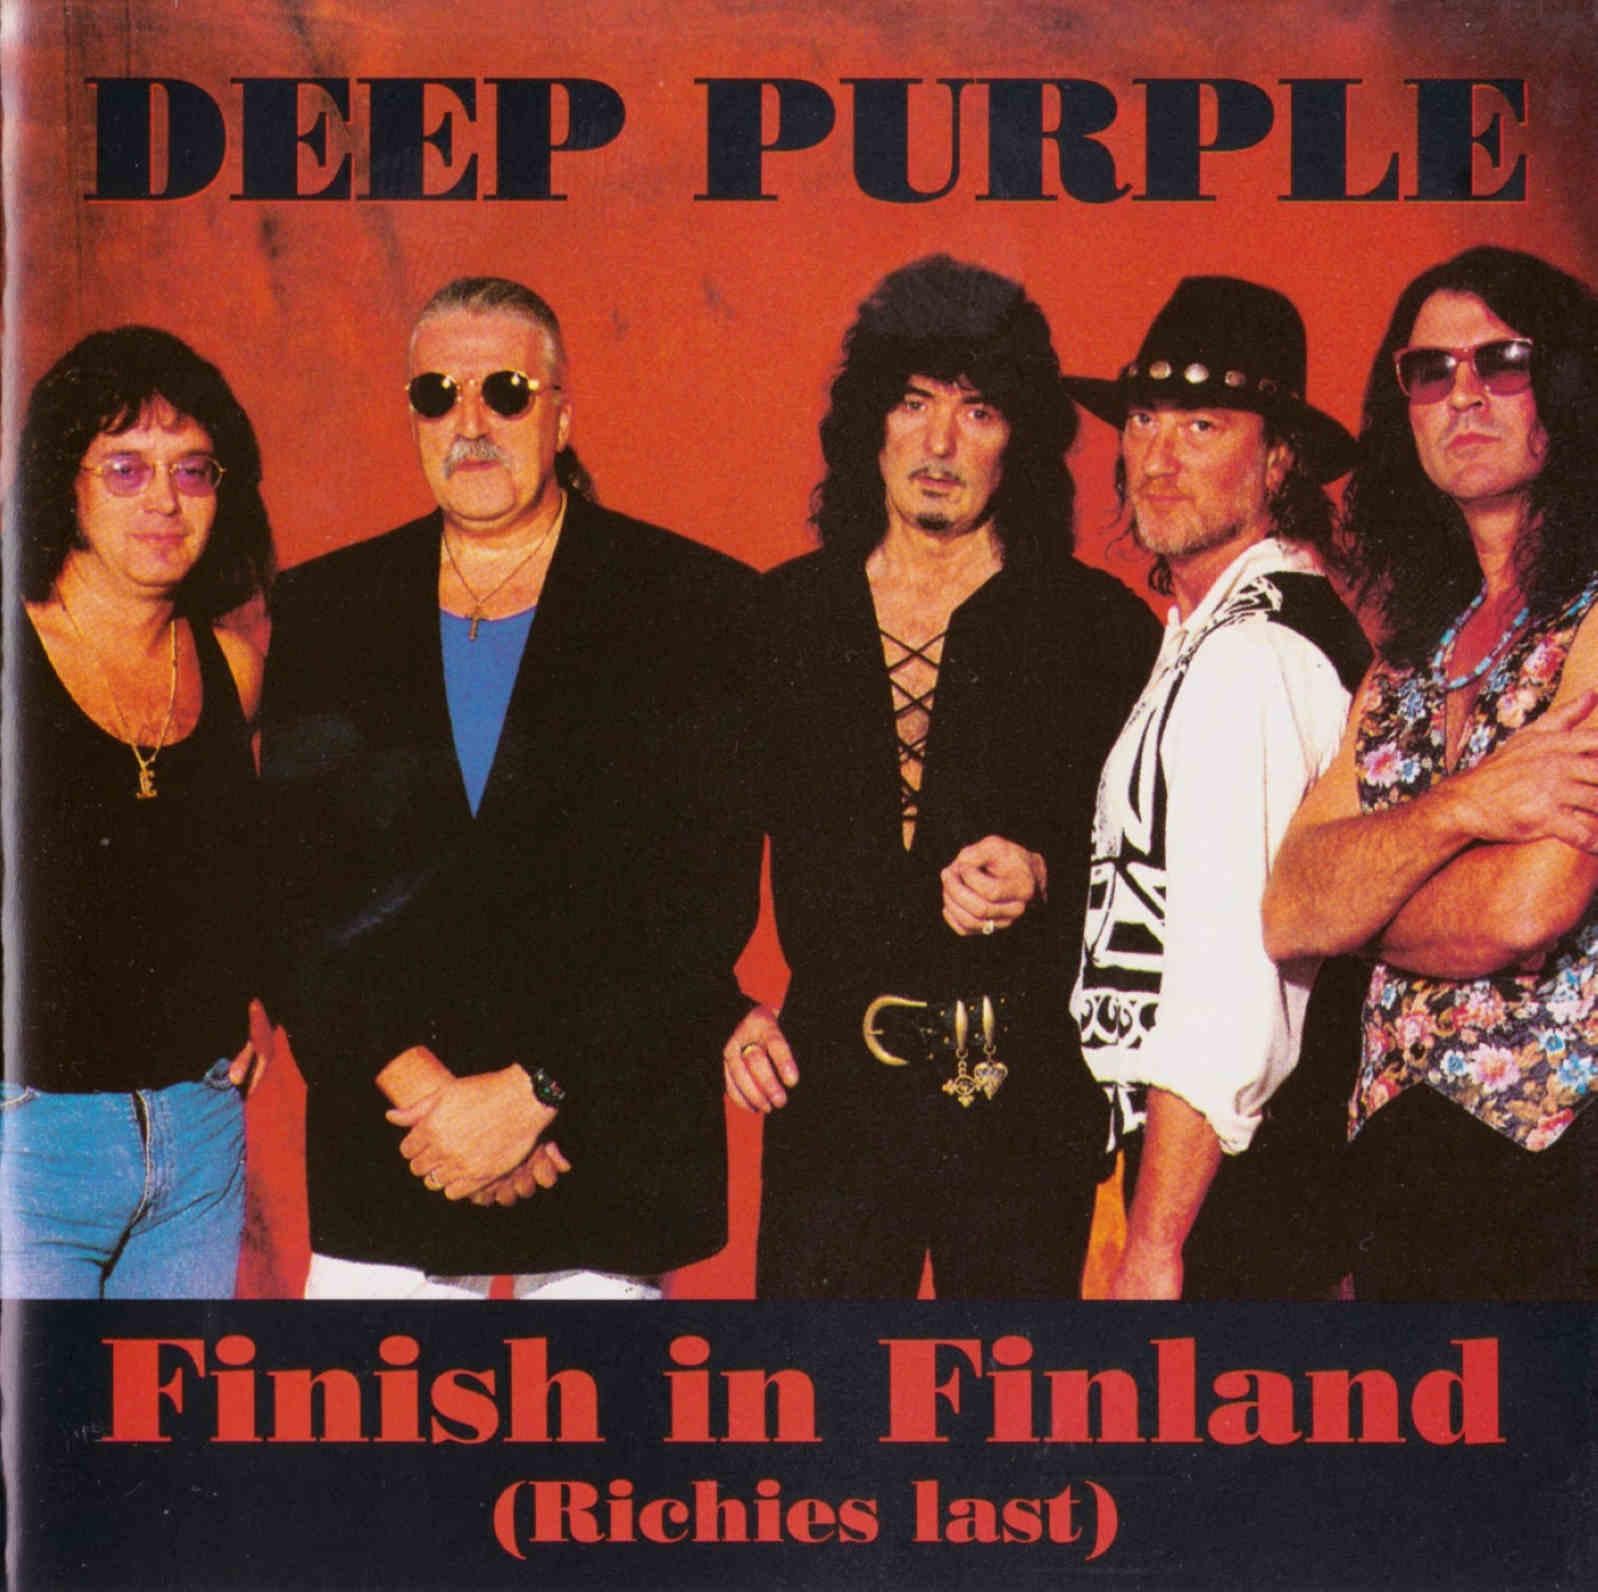 Deep purple finish in finland richies last jäähalli helsinki